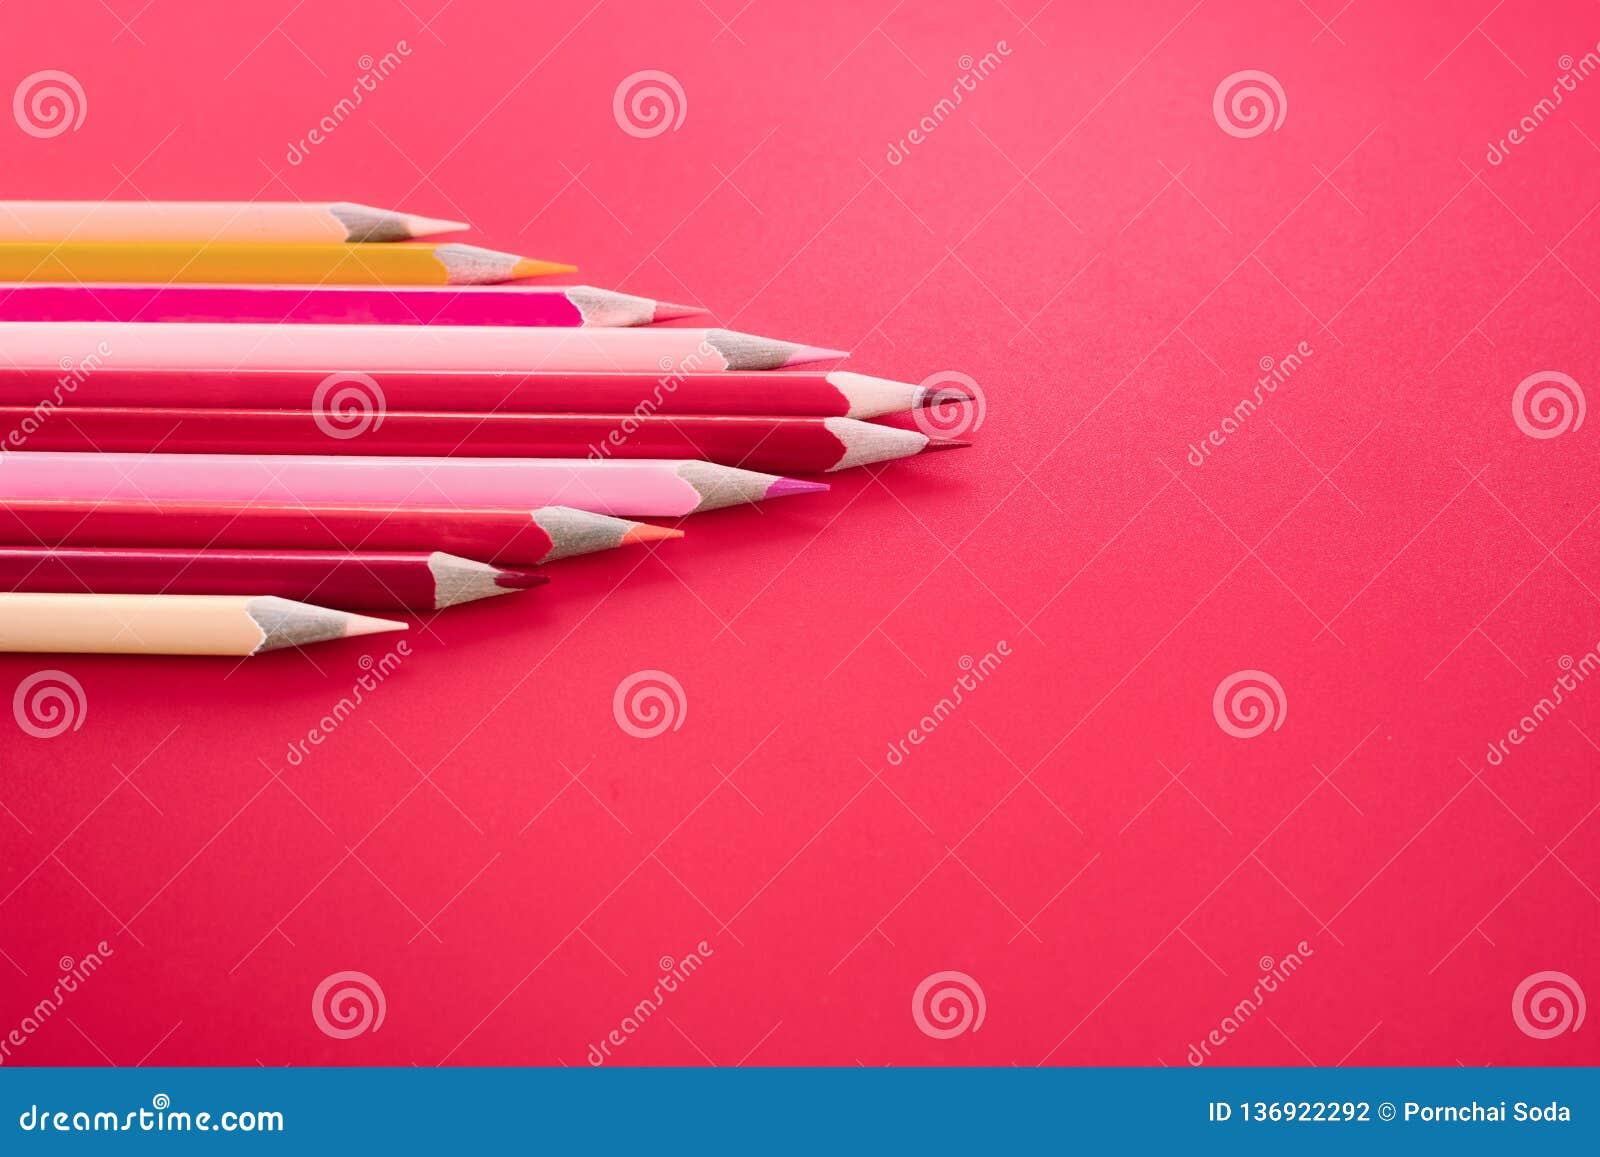 Przywódctwo biznesu pojęcie czerwonego koloru ołówkowy prowadzenie inny kolor na różowym tle